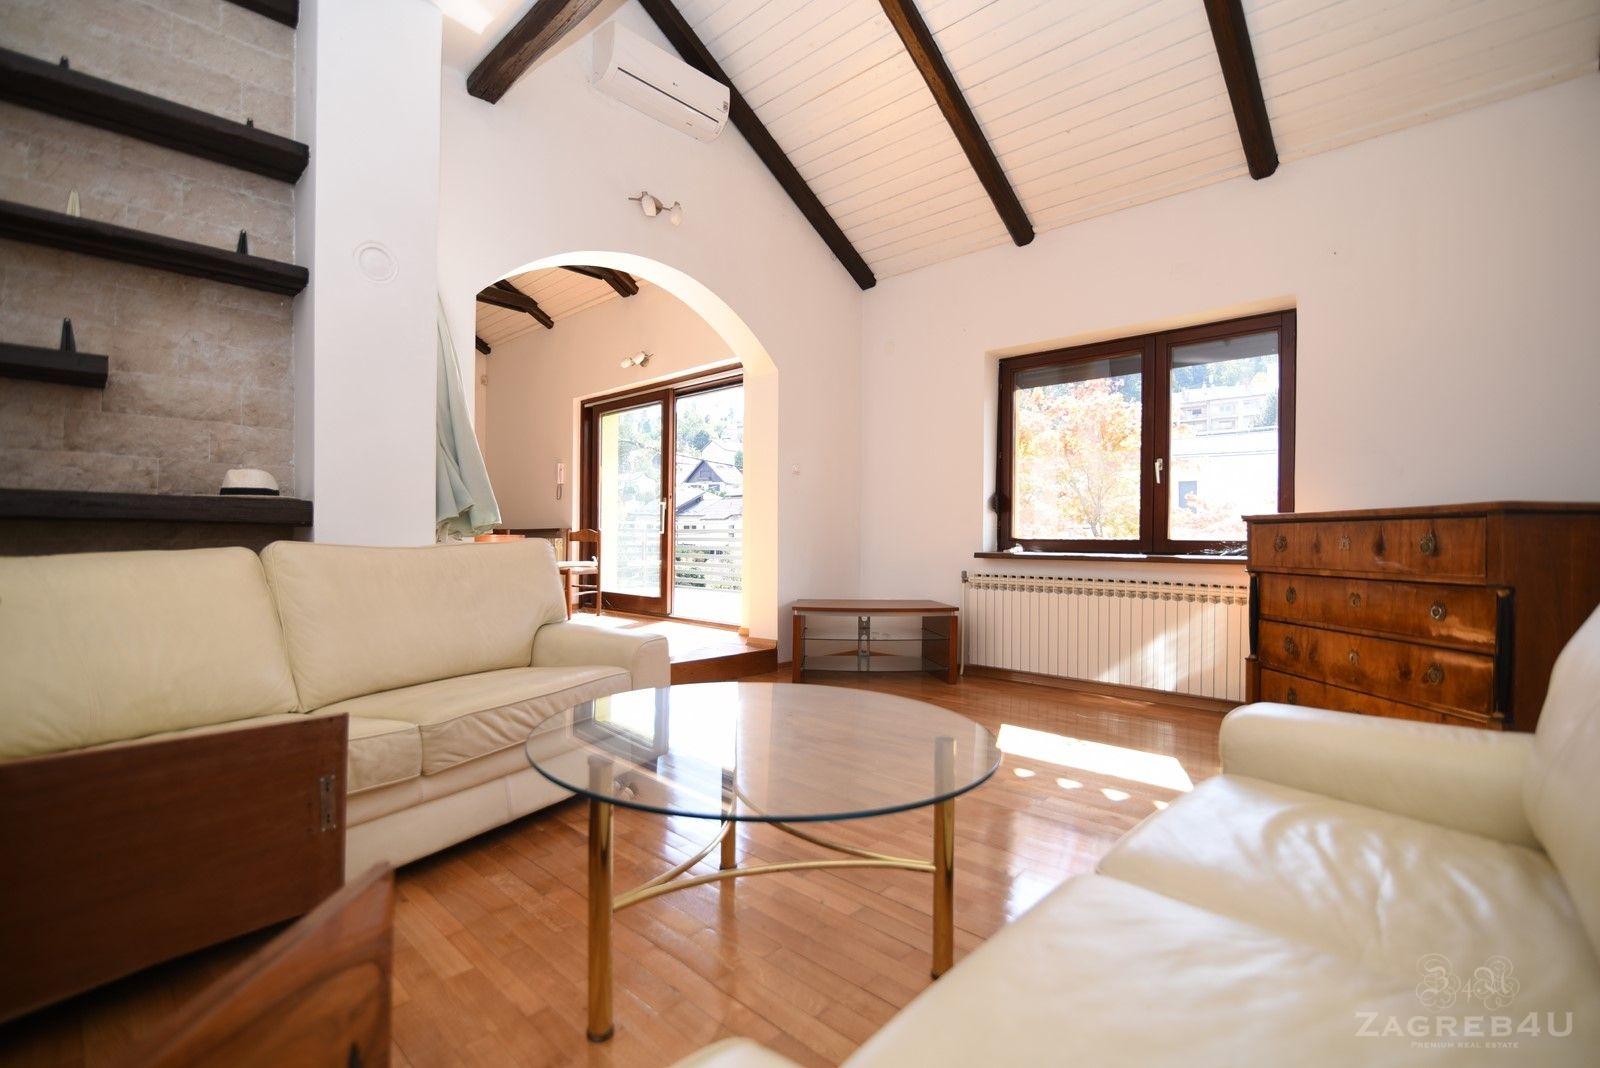 Zagreb - Mlinovi - kuća za najam (200 m2) 7 soba + garaža i 3 parkinga